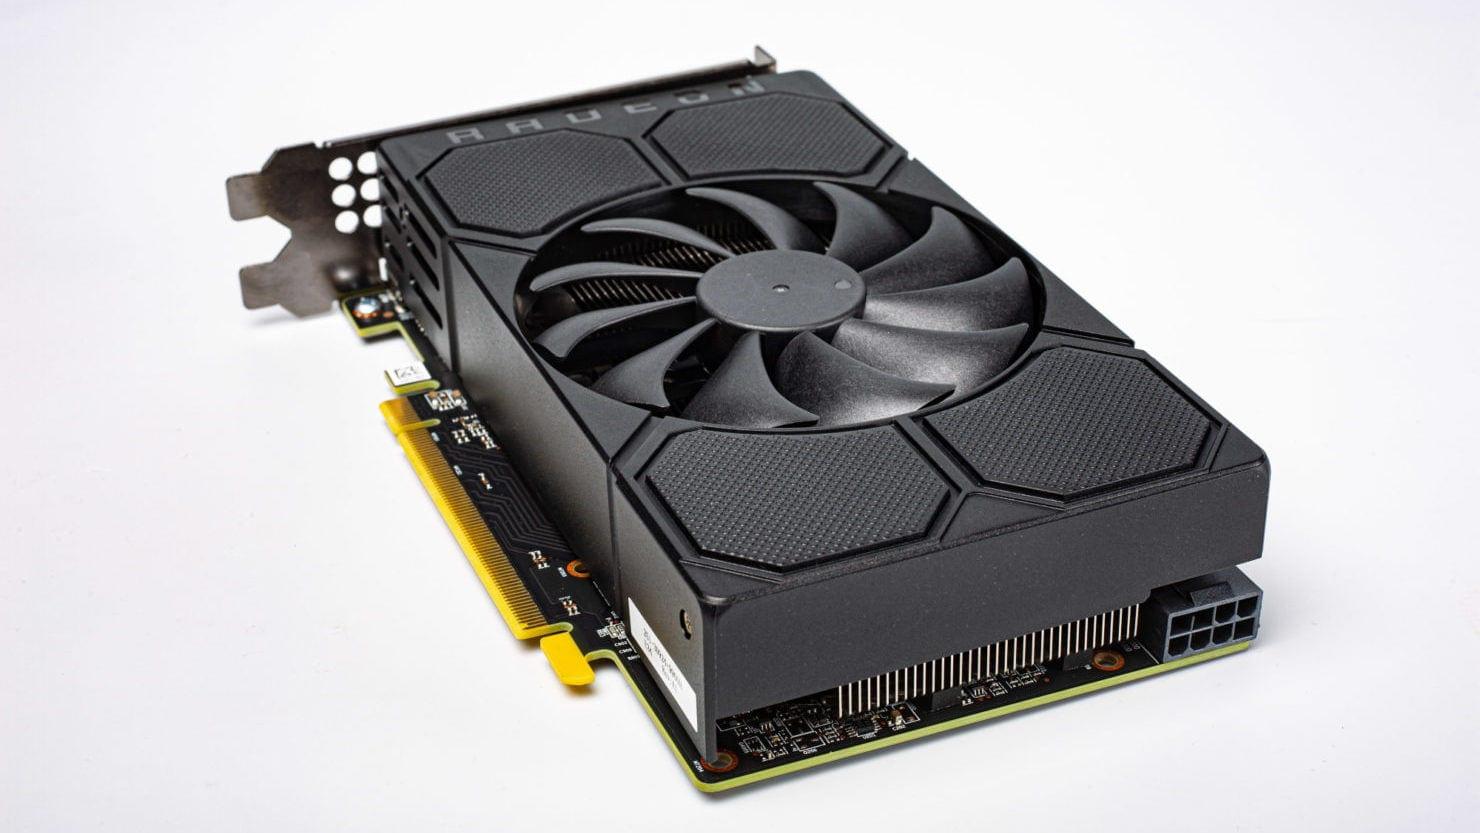 Производительность AMD Radeon RX 5500 действительно находится практически на уровне RX 580